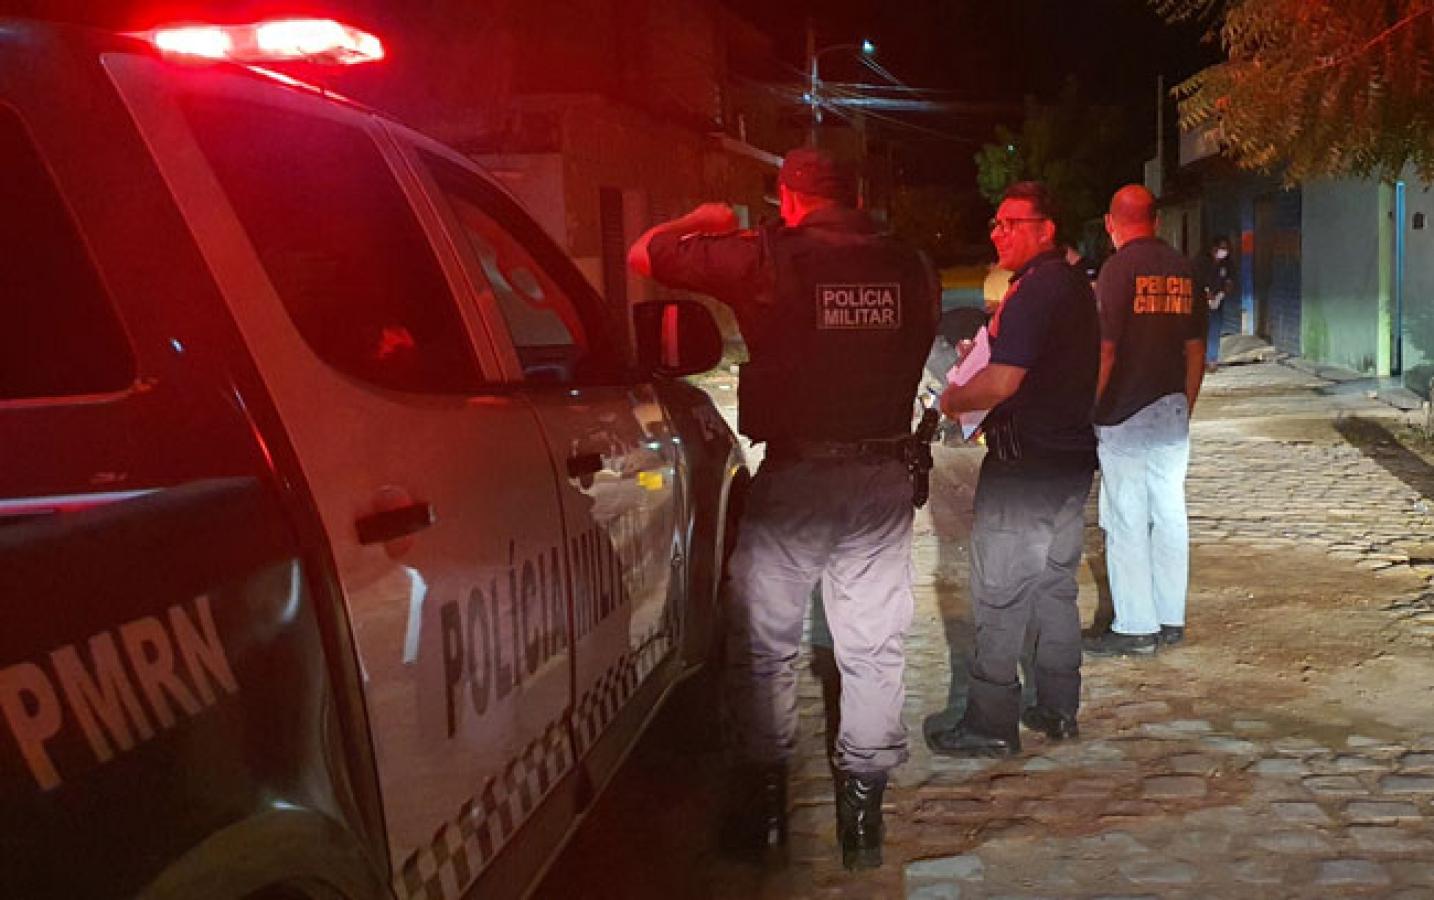 Morador de rua é morto com mais de 10 tiros em Mossoró